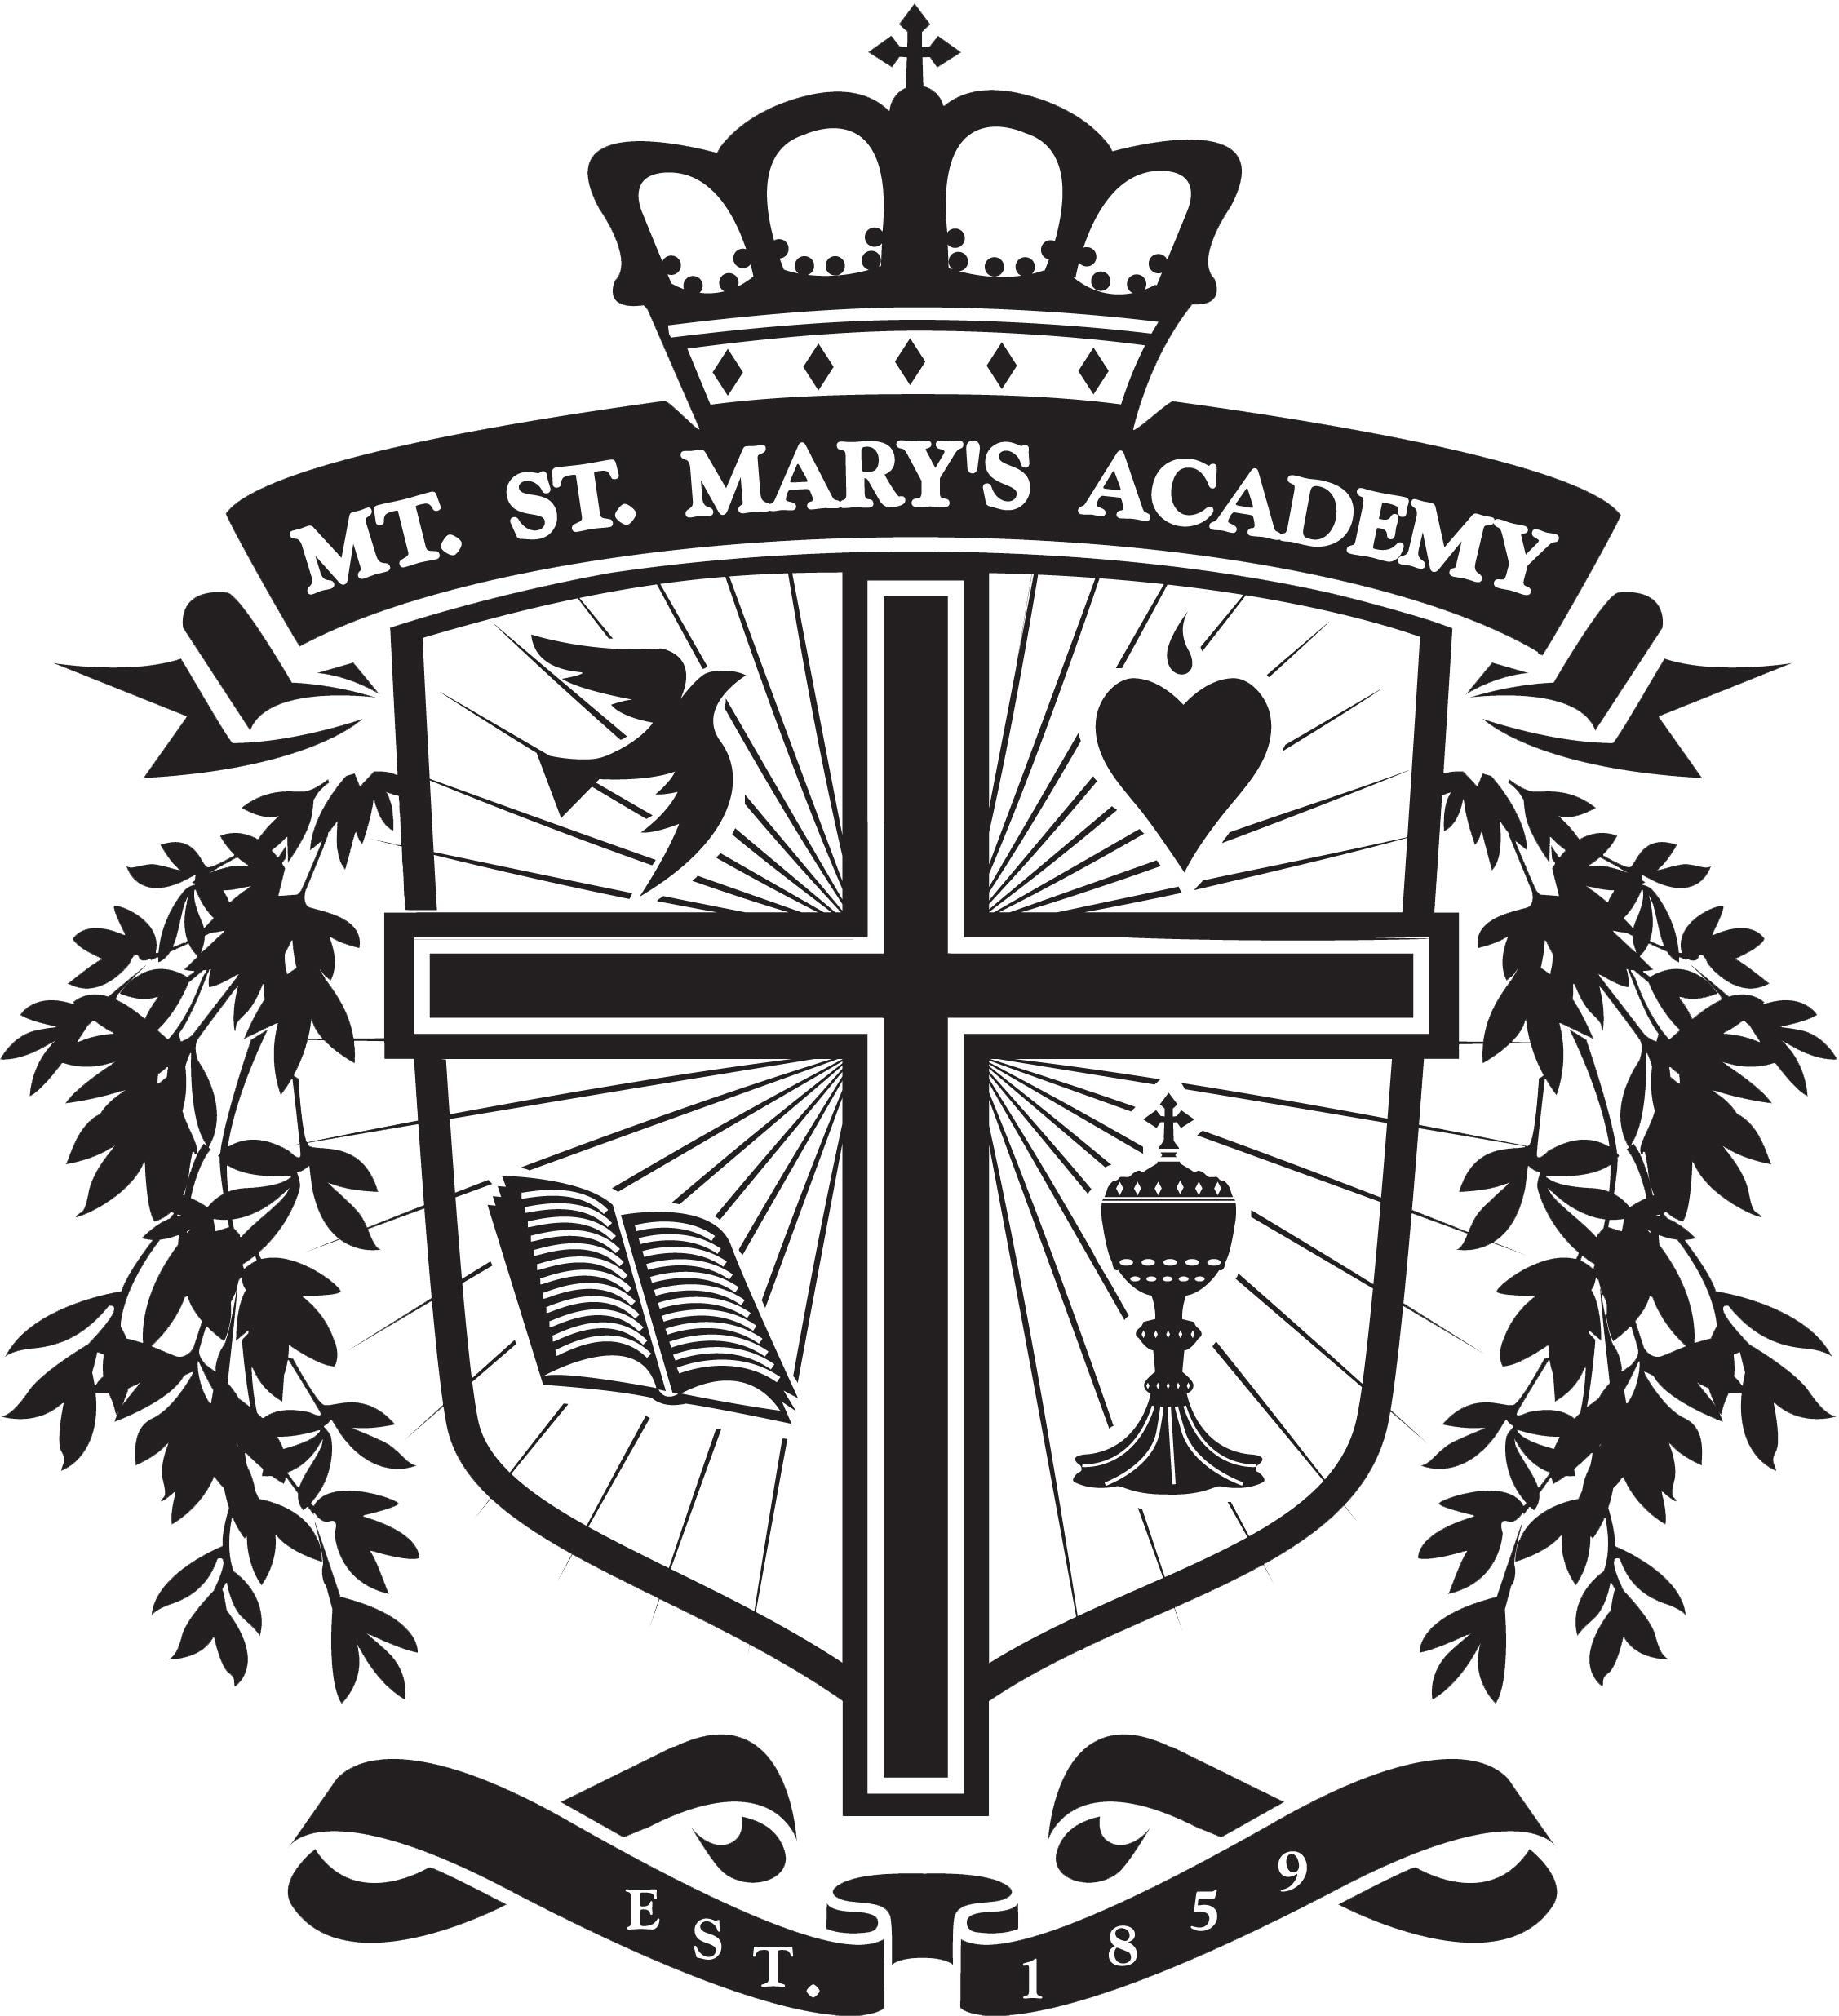 Mt. St. Mary Academy